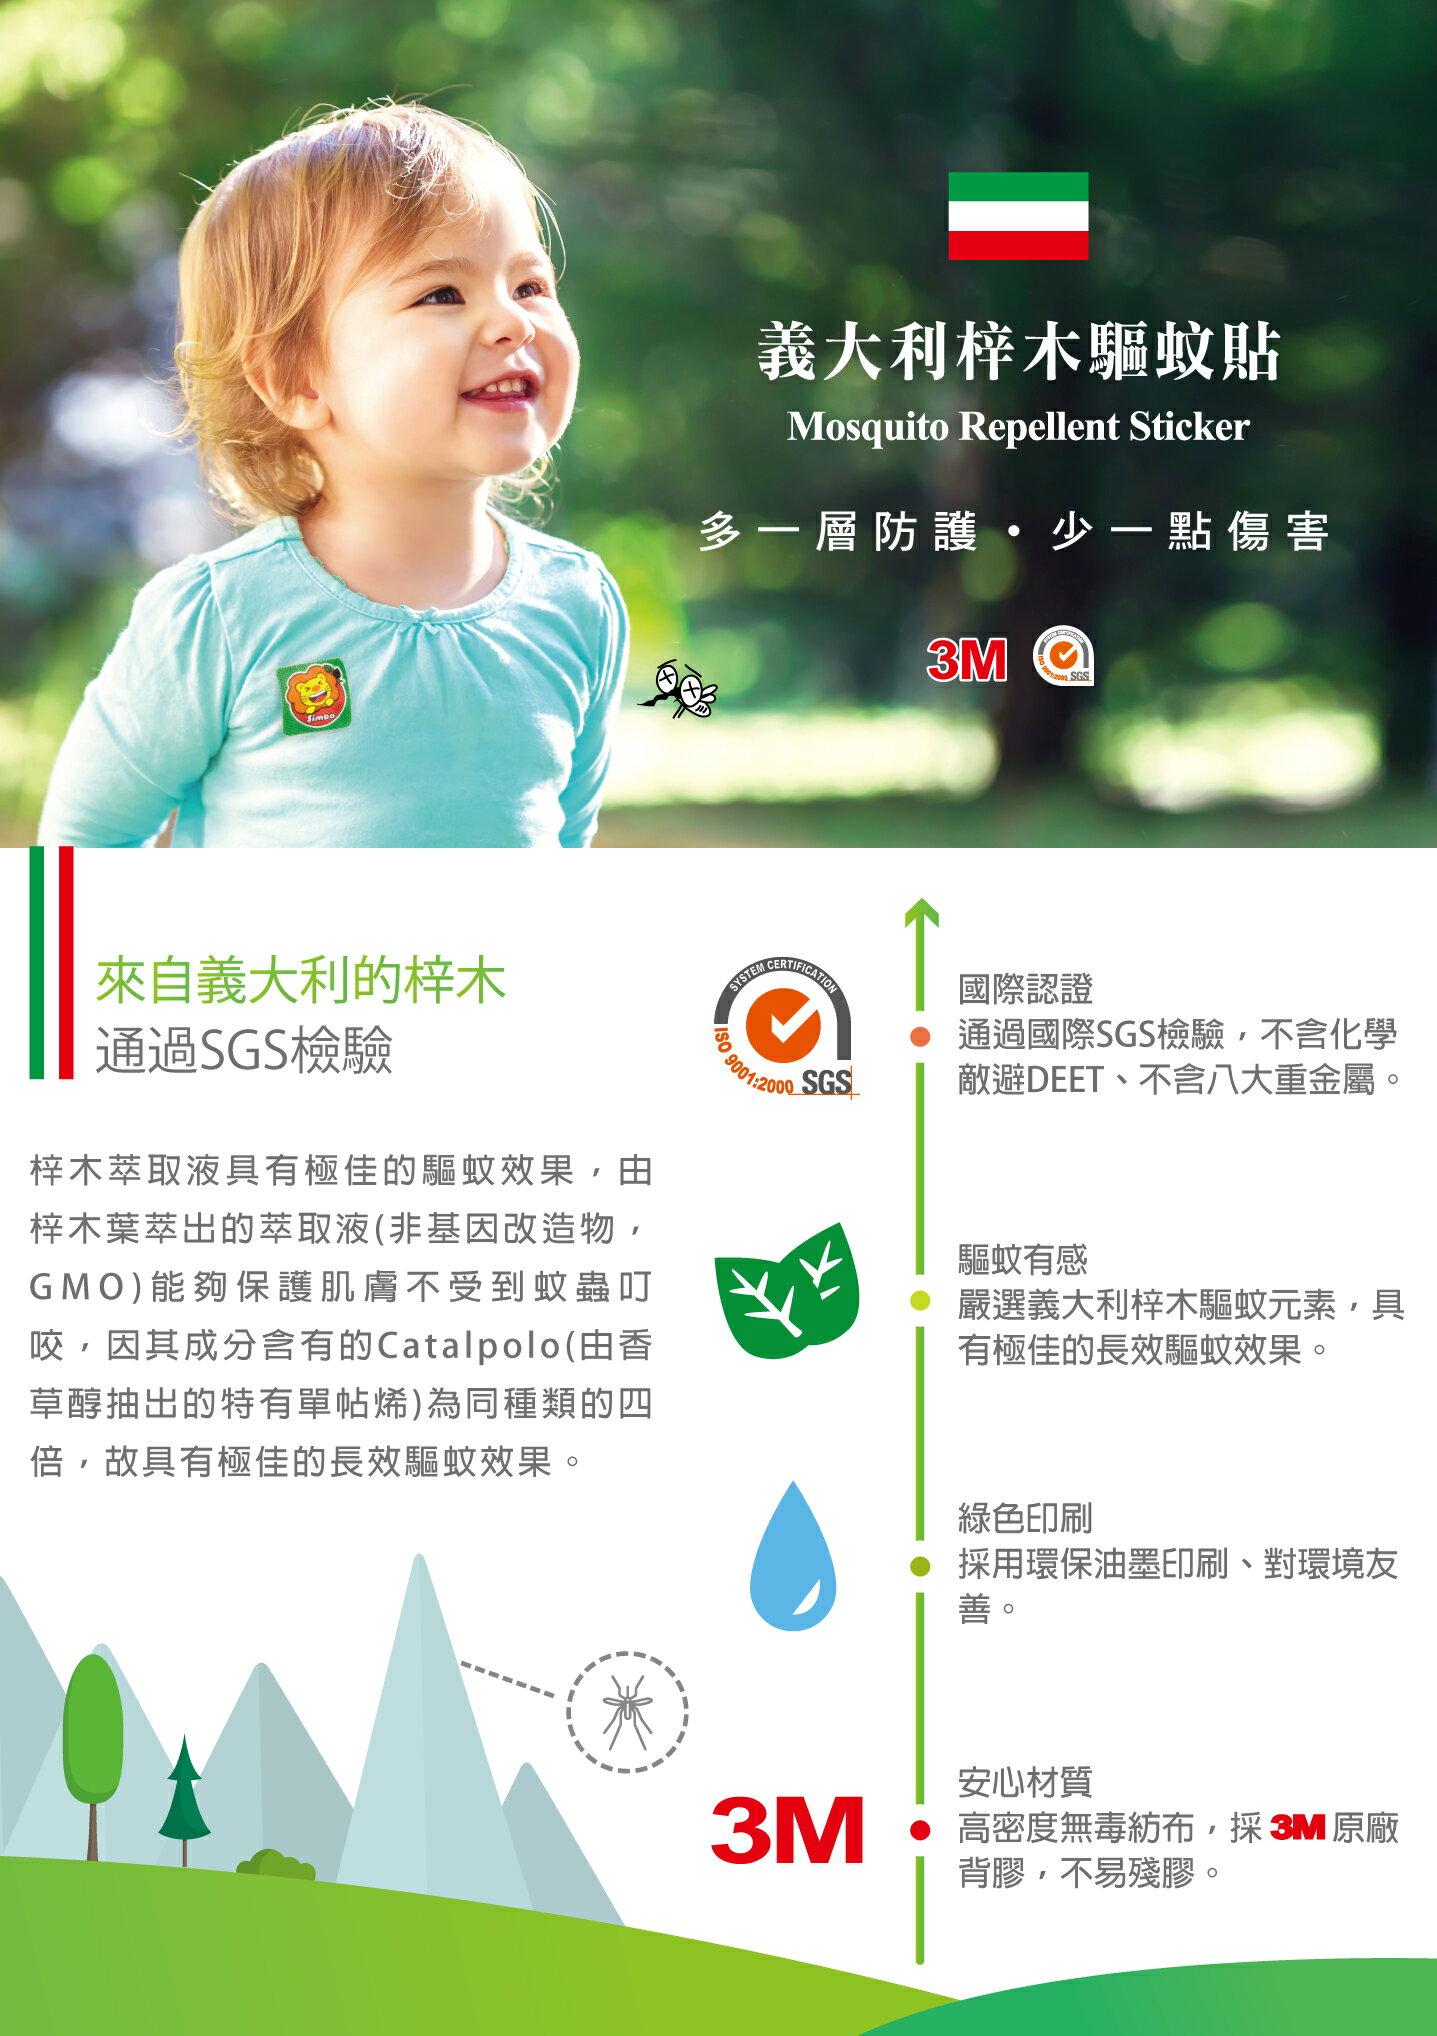 『121婦嬰用品館』辛巴 義大利梓木驅蚊貼(12枚)-HAPPY歡樂貼圖版 2